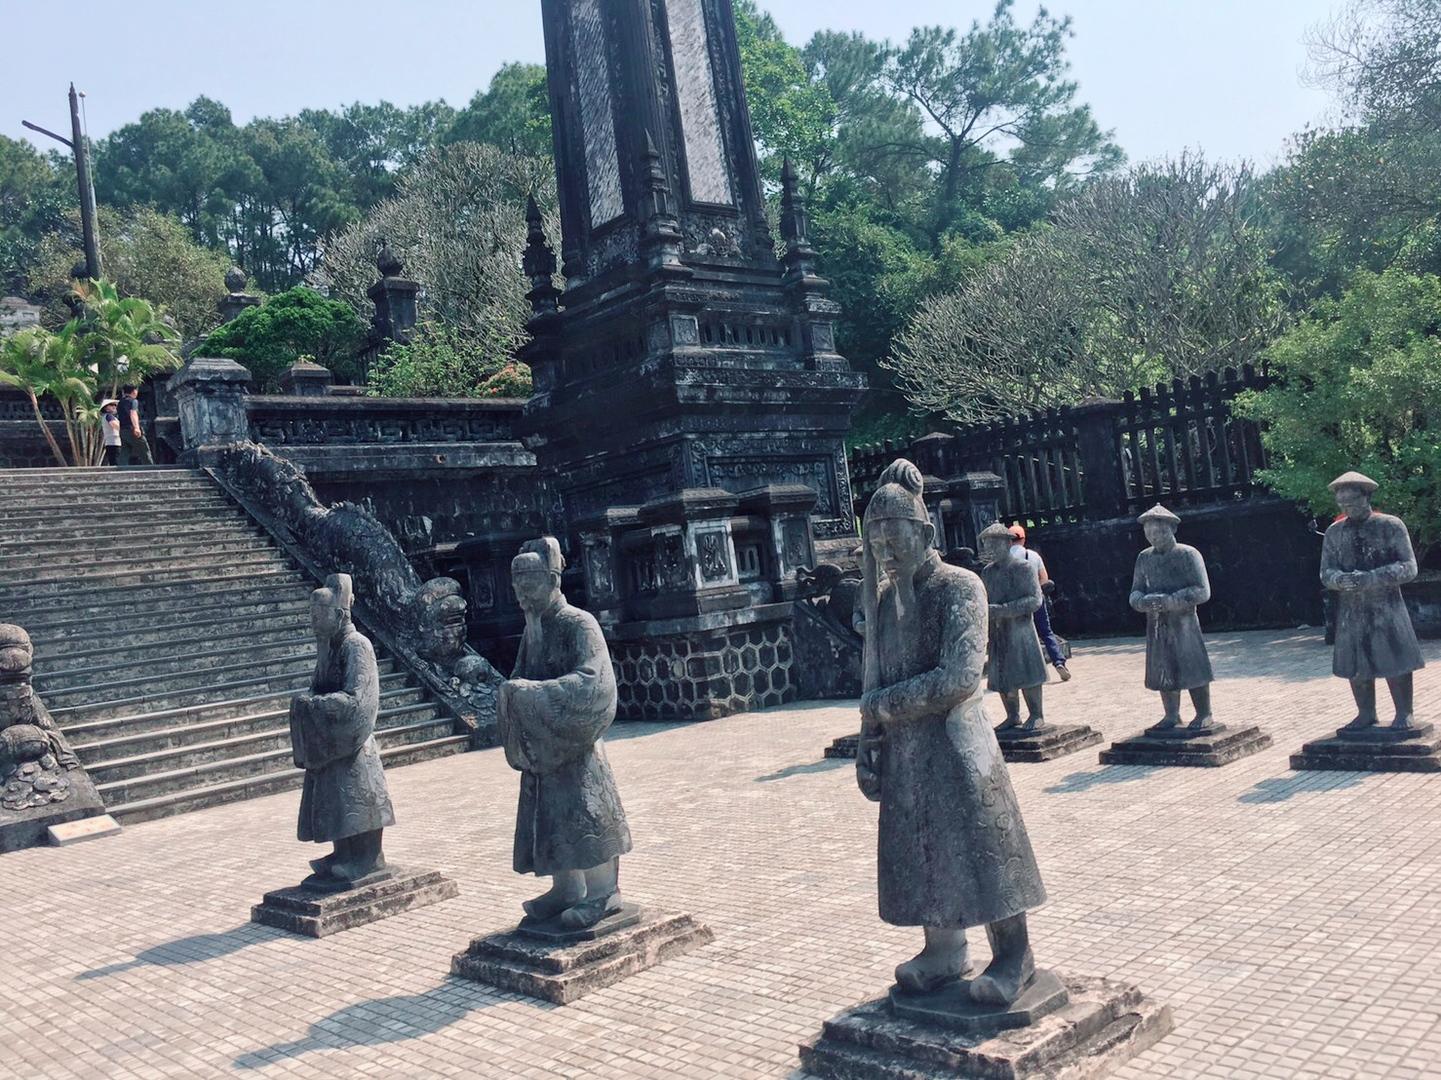 古い王宮跡の観光を楽しみにしていました。